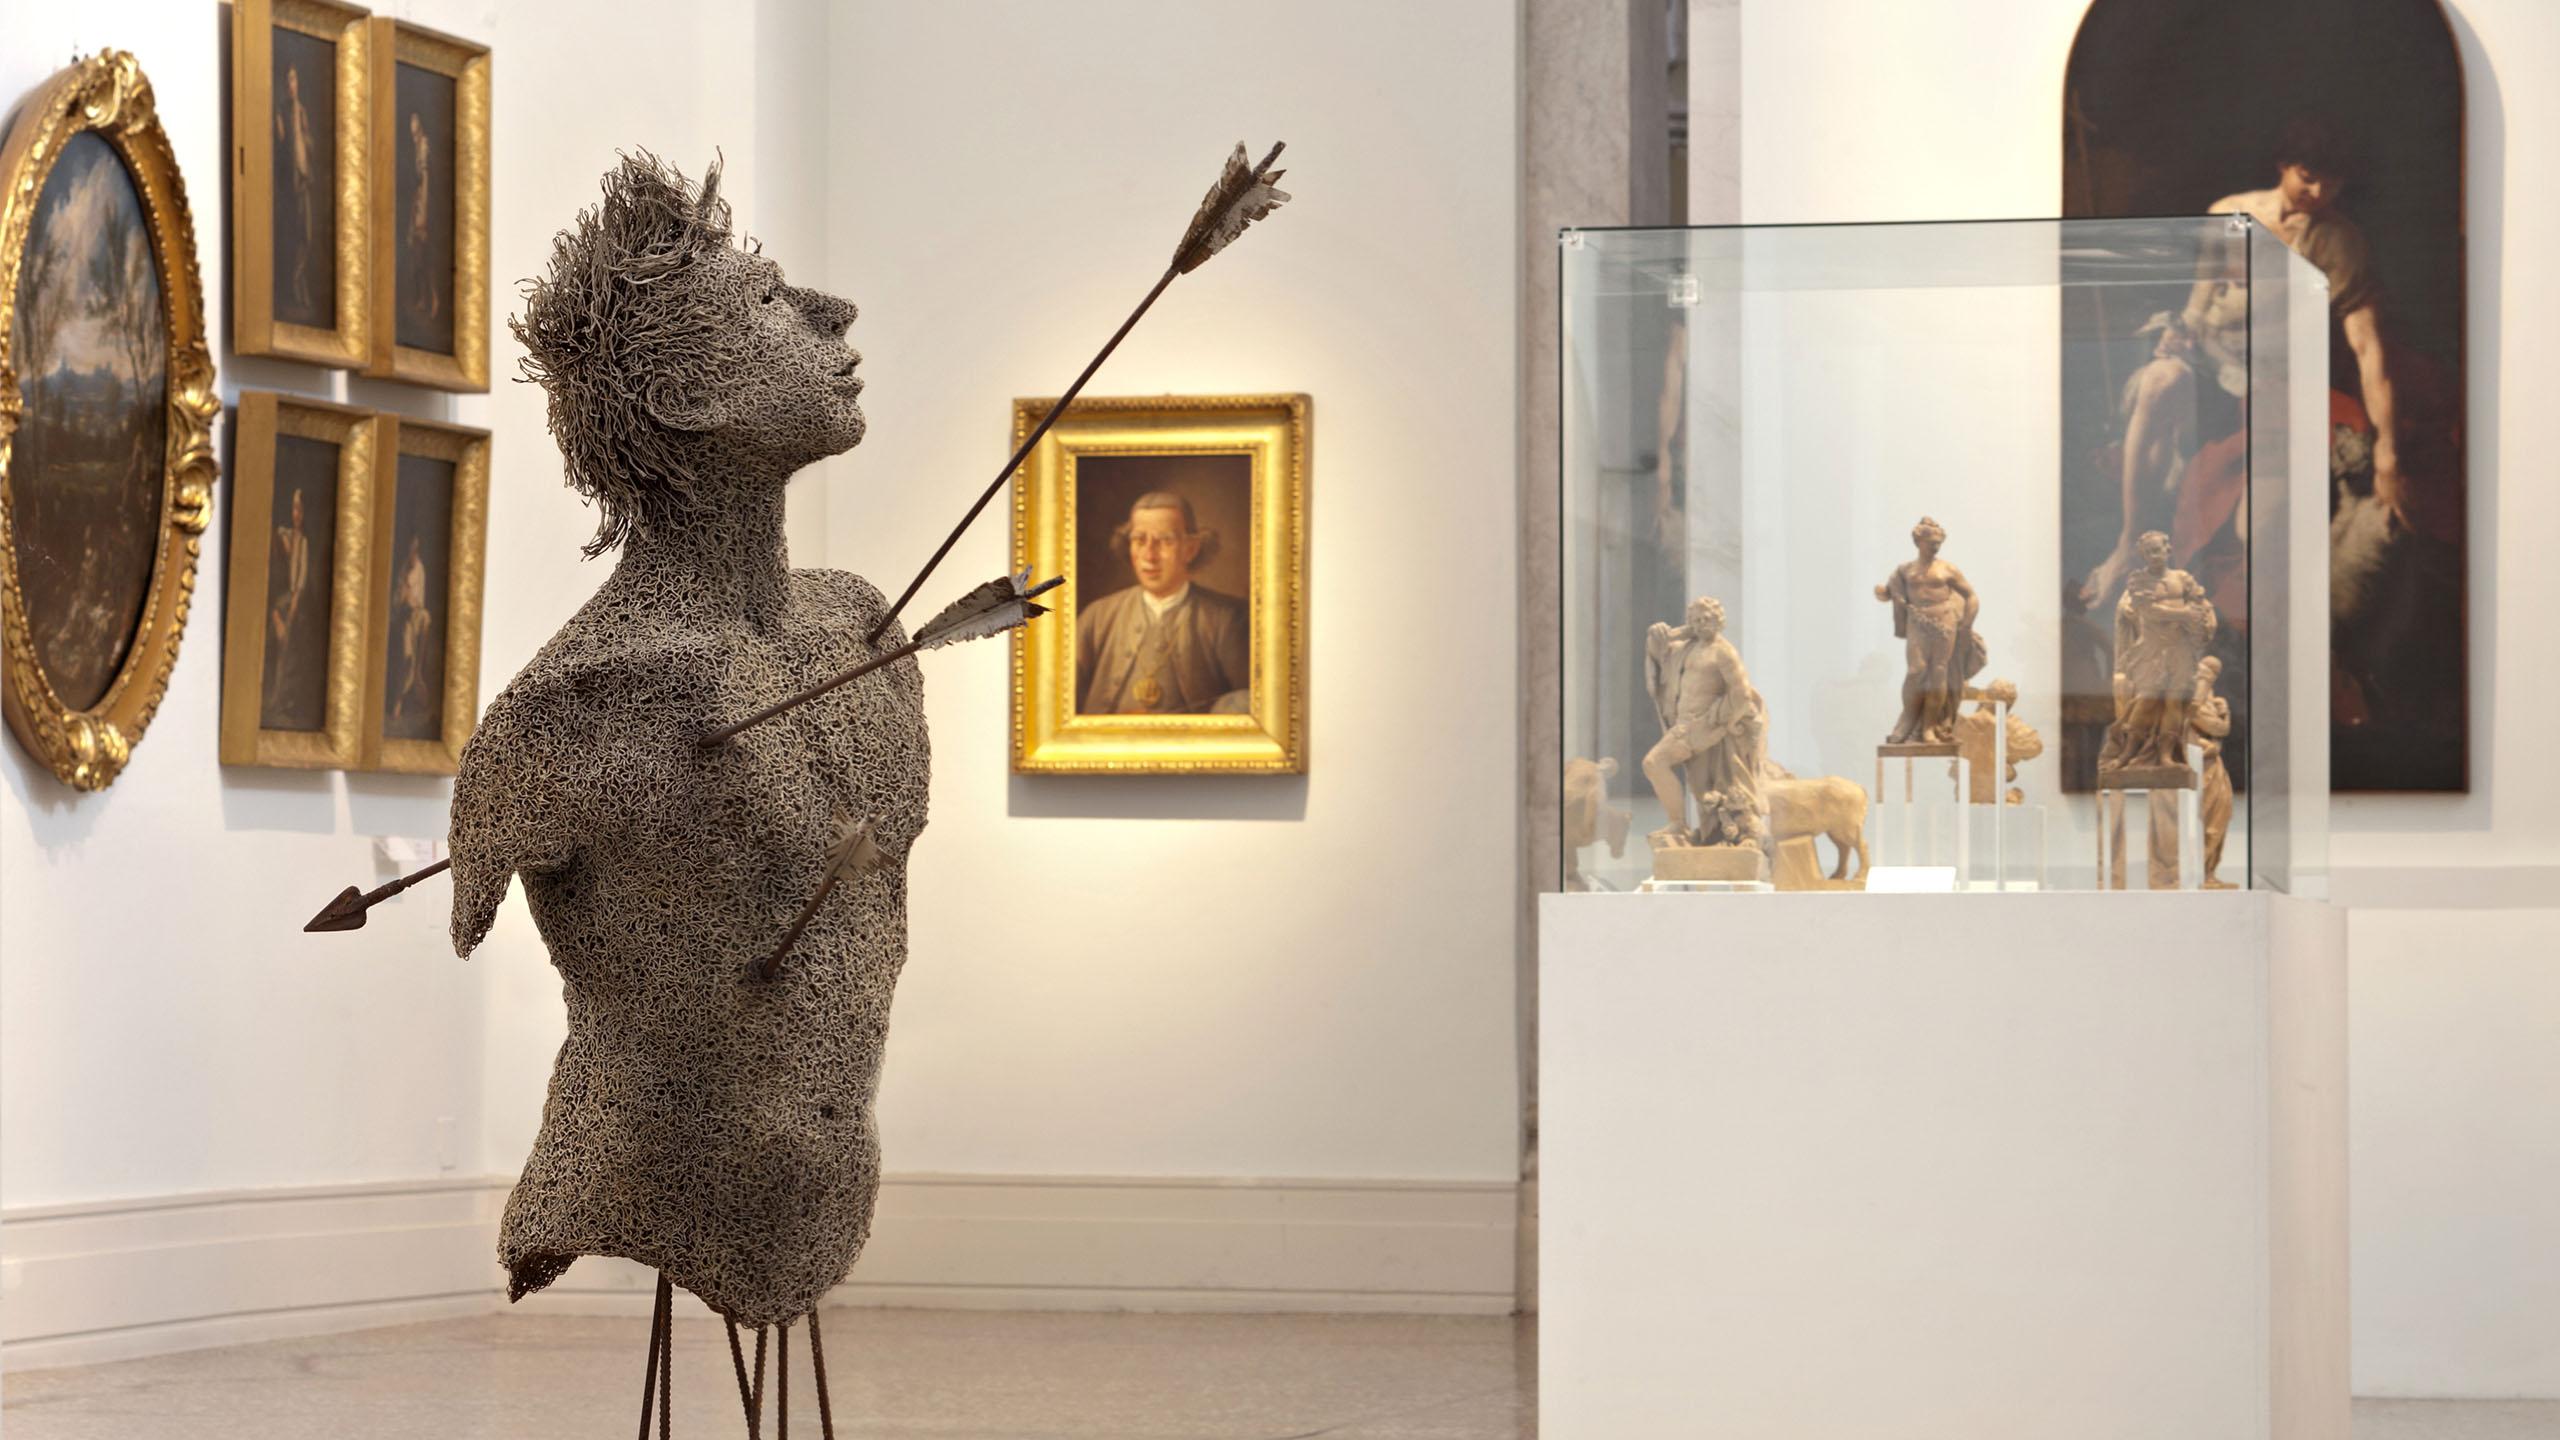 mattia-trotta-artista-scultore-arte-sacra-sculture-su-commissione-in-filo-metallico-ferro-bronzo-acciaio-alluminio-6